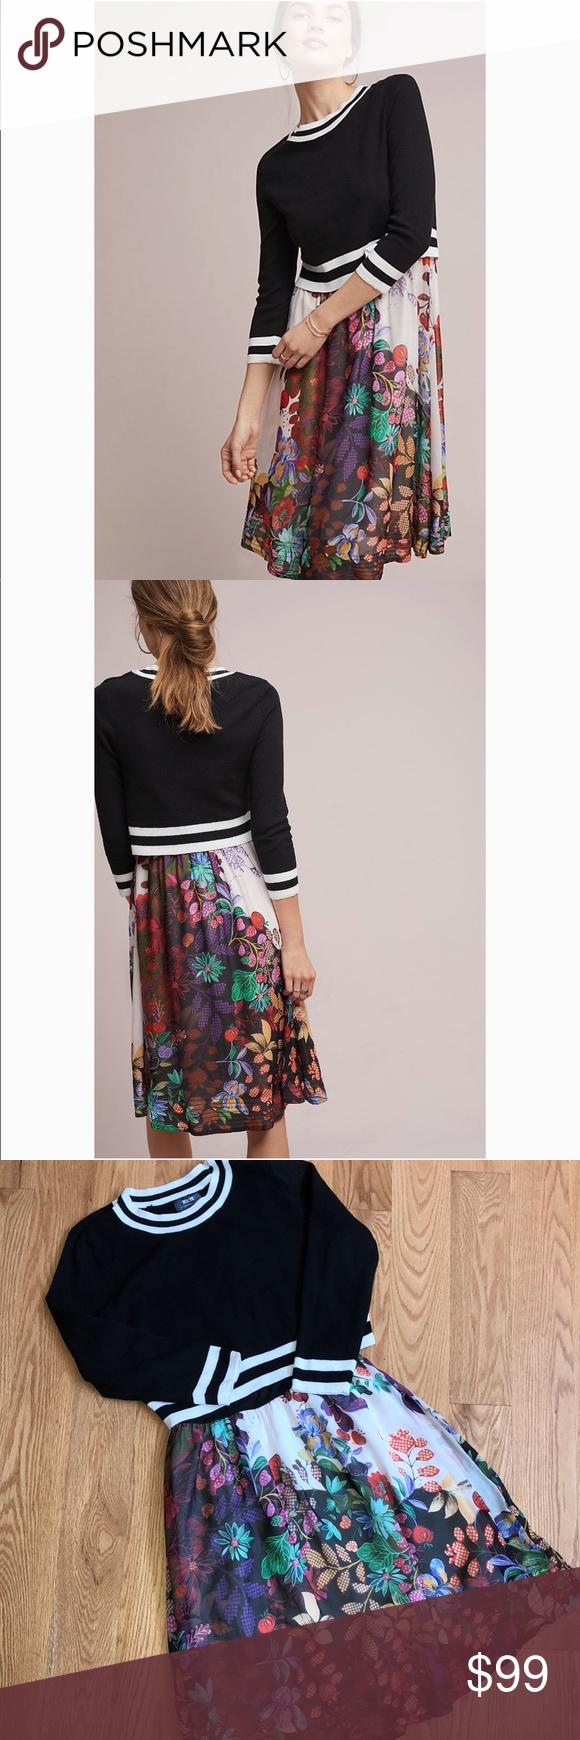 39c79efabee NWOT Maeve Osceola sweater dress Gorgeous